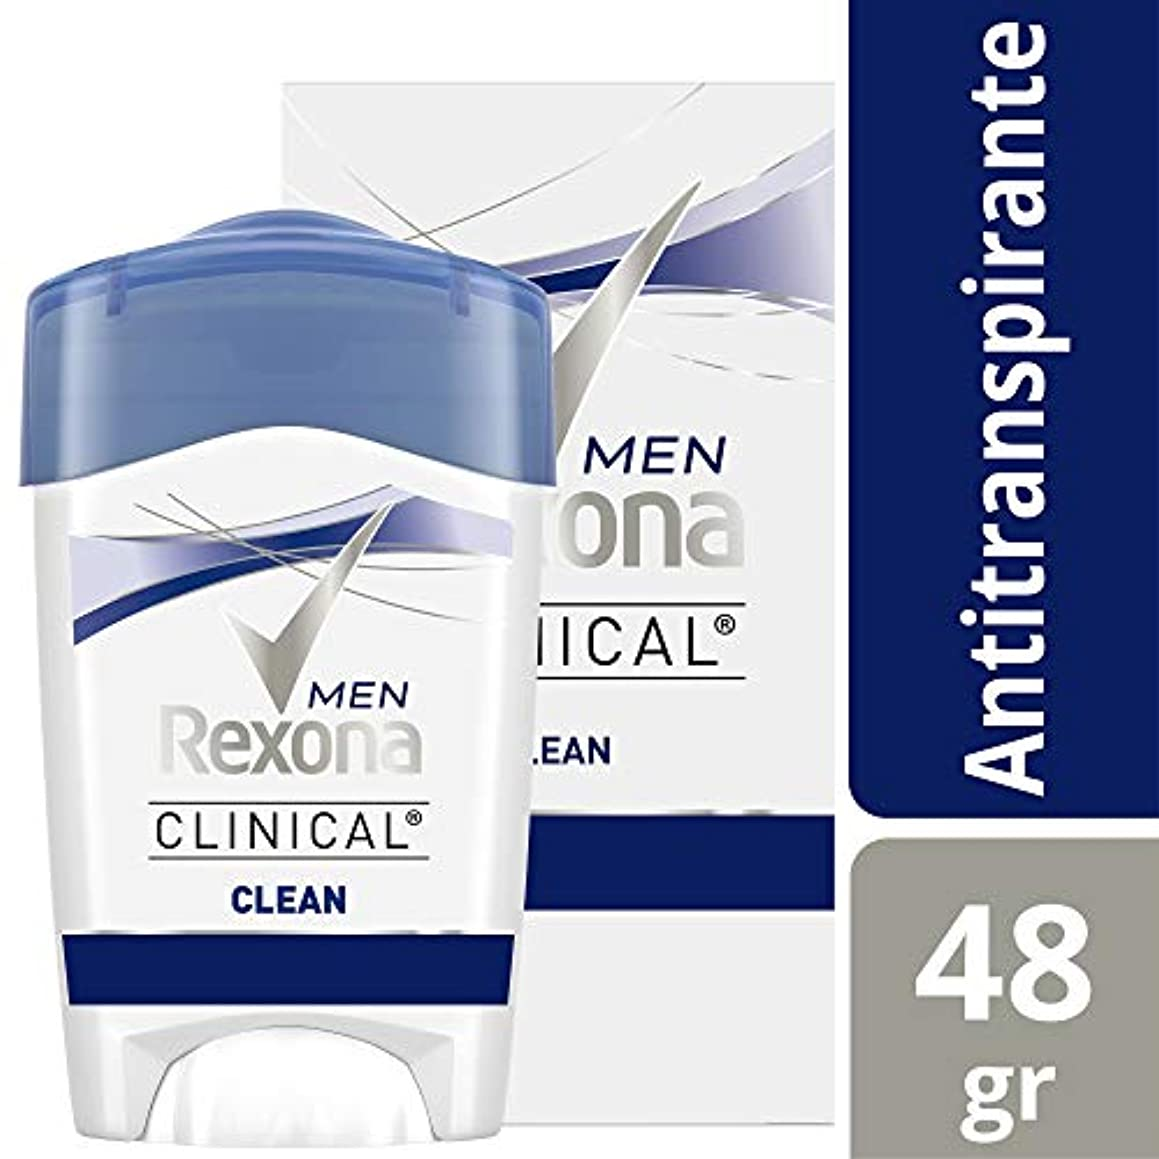 不安合わせて属するRexona Men Clinical Clean レクソーナクリニカルクリーン メンズ デオドラント 48g 制汗剤 直塗りクリームタイプ 男性用